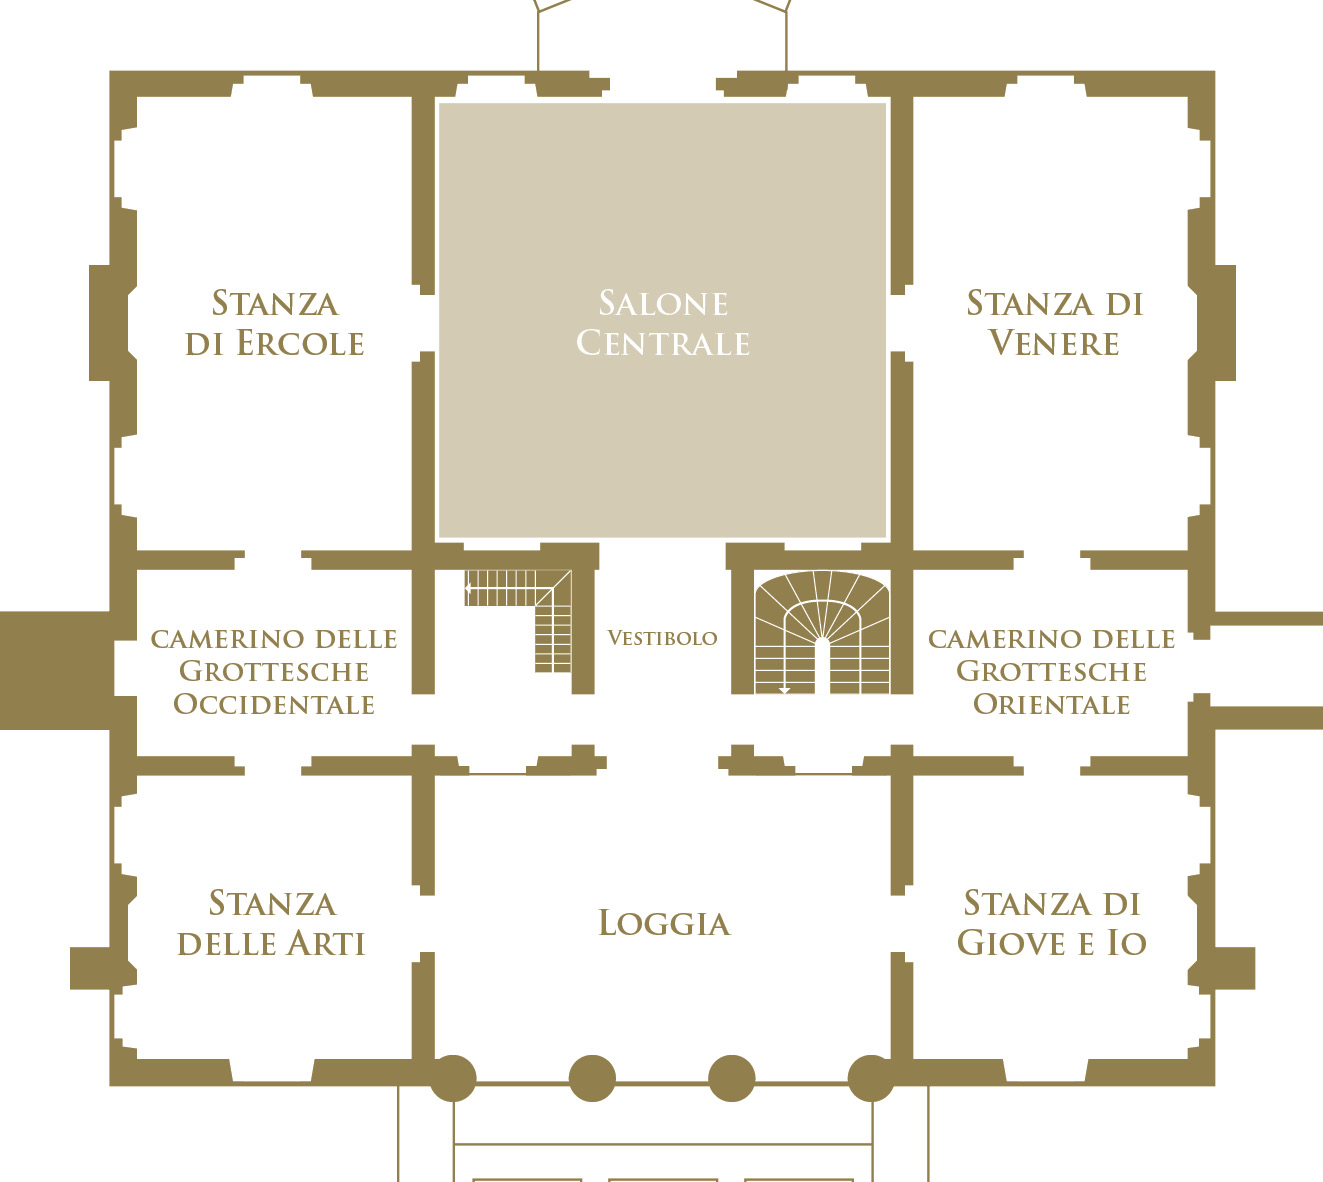 Il Salone Centrale